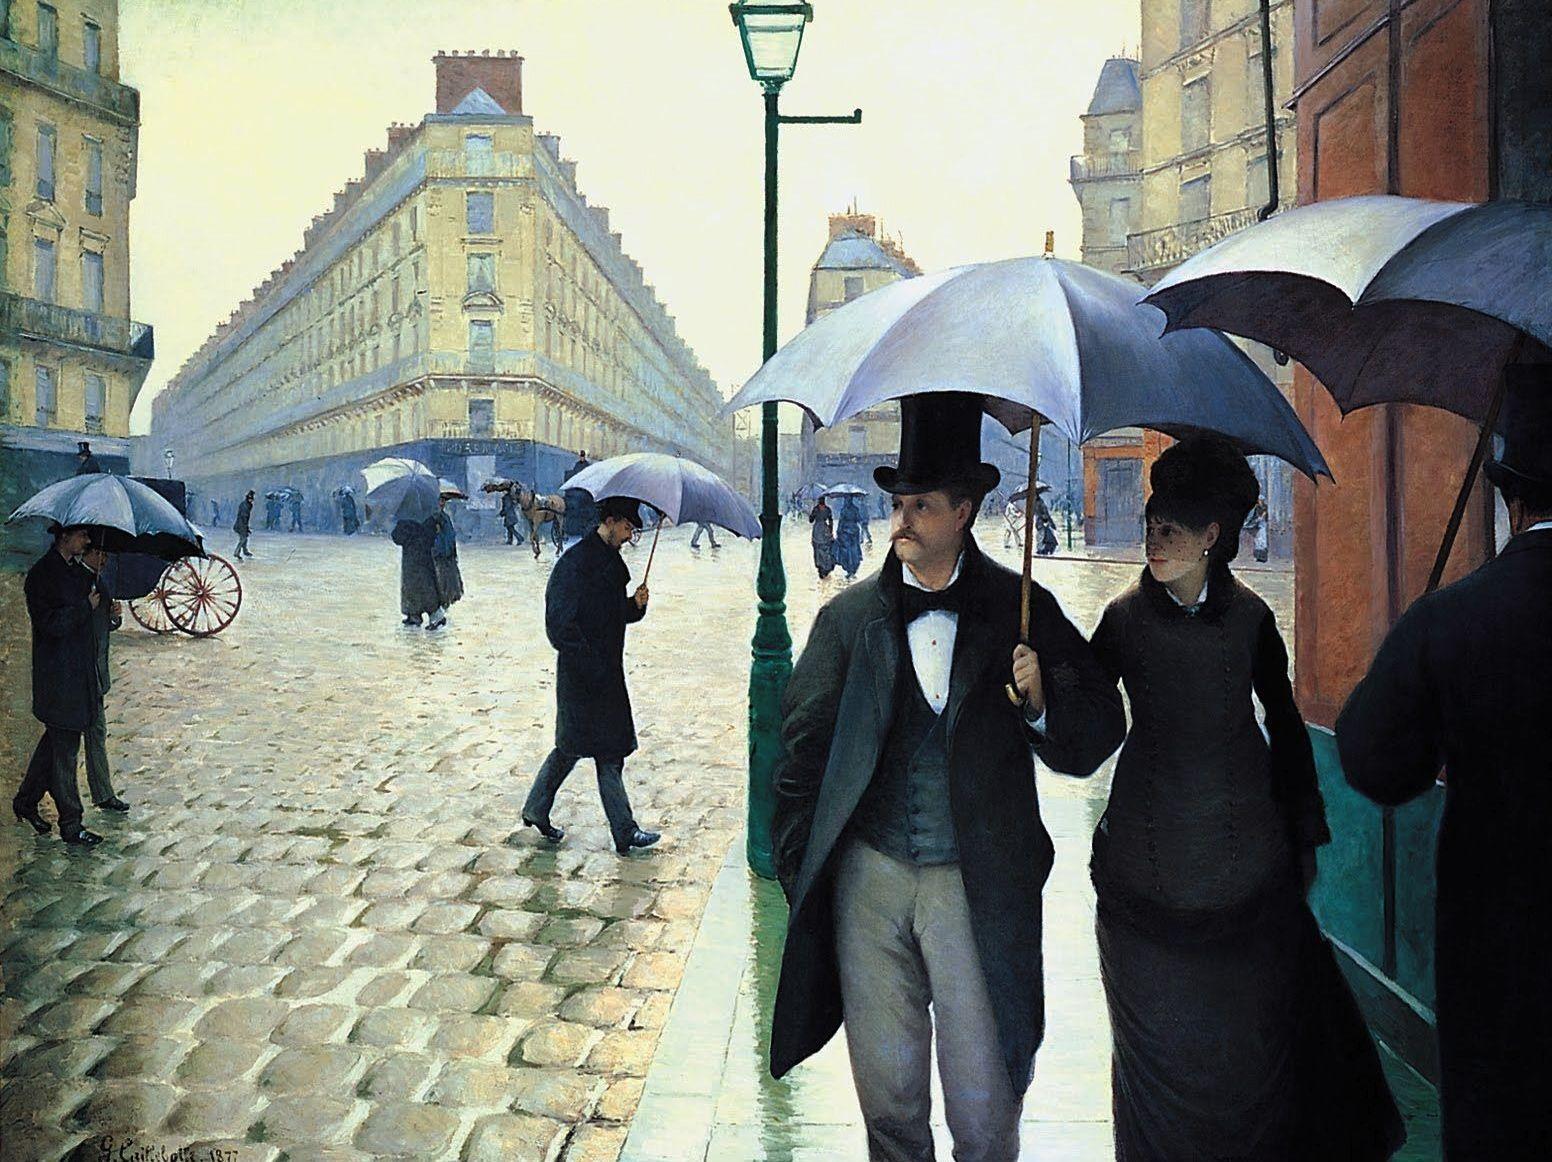 peinture-caillebotte-la-place-de-l-europe-par-temps-de-pluie-tableaux-jean-jacques-rio-galerie-art-deco-auray-attention-a-la-peinture